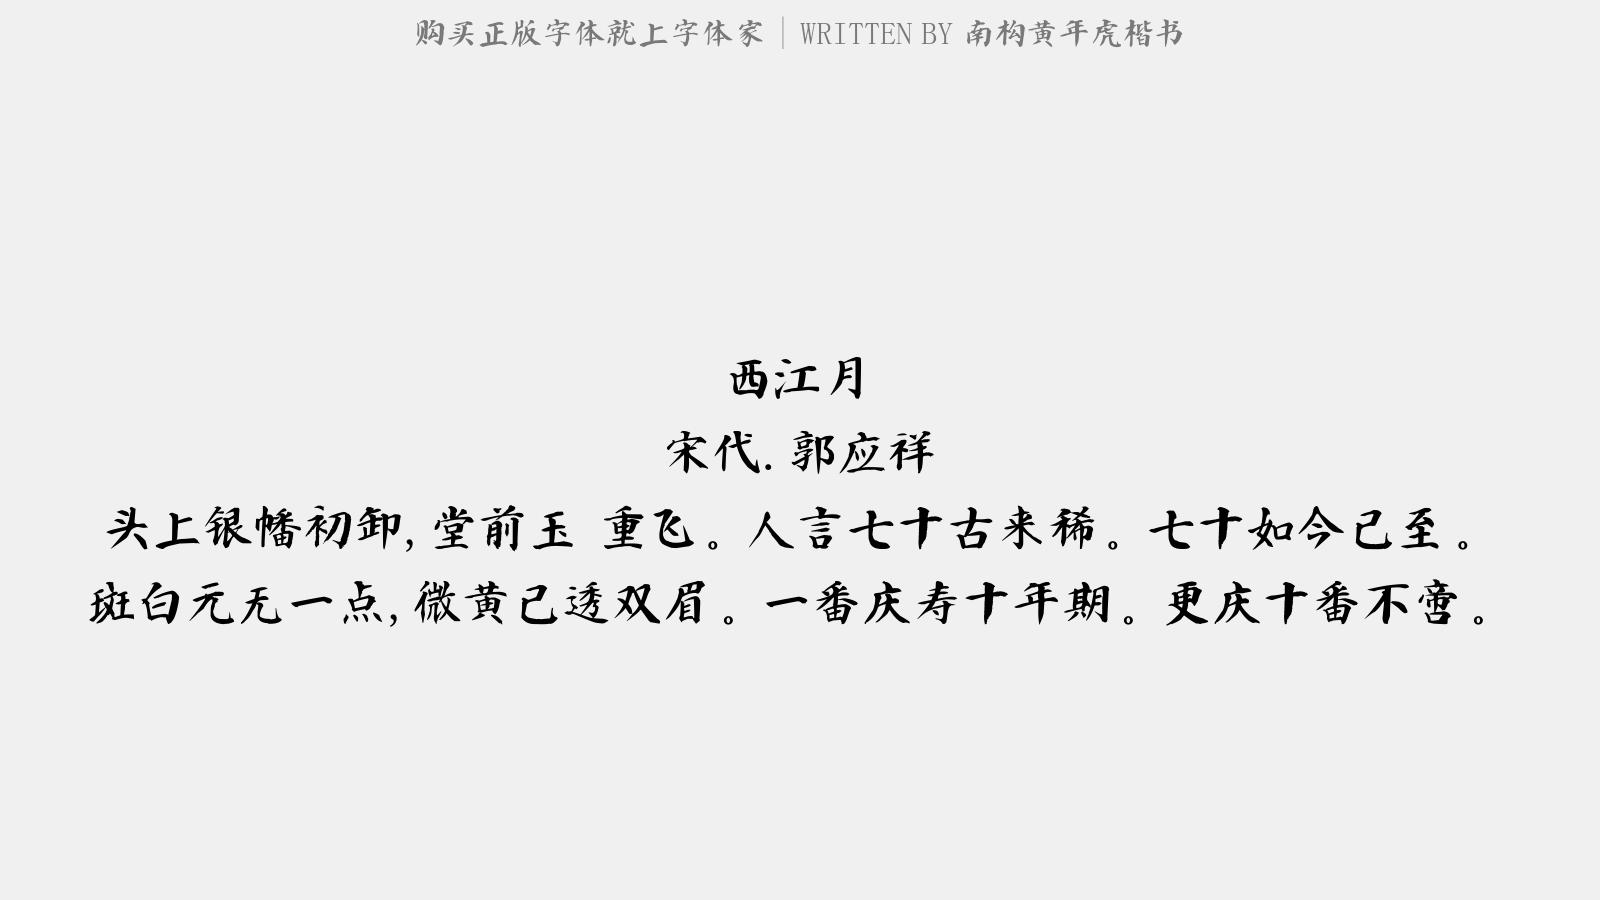 南構黃年虎楷書 - 西江月(慶太夫人七十)